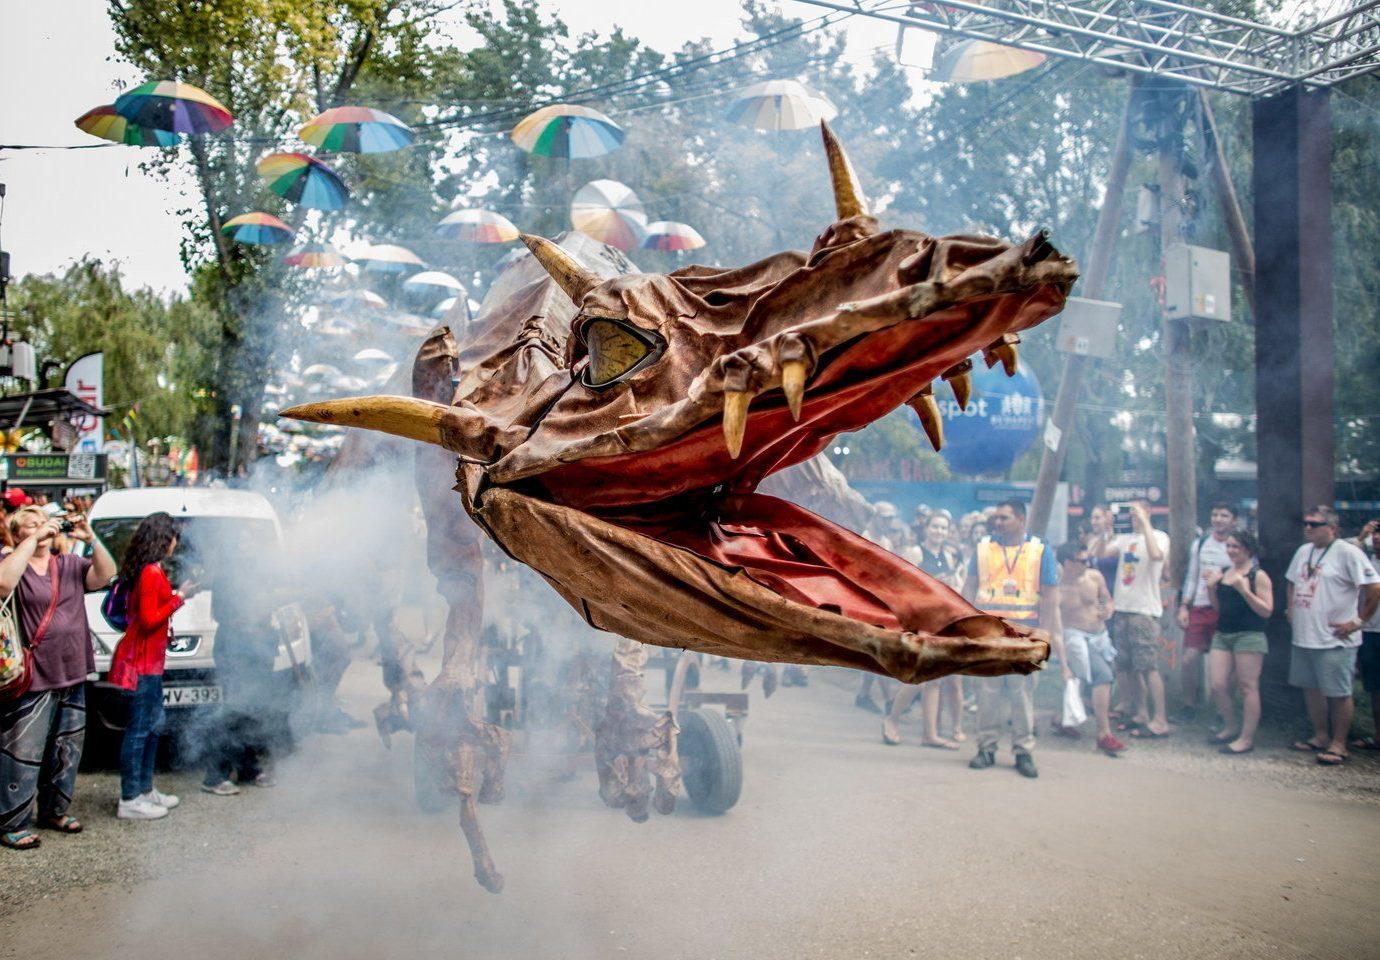 Arts + Culture outdoor amusement park art vehicle park sculpture festival carnival